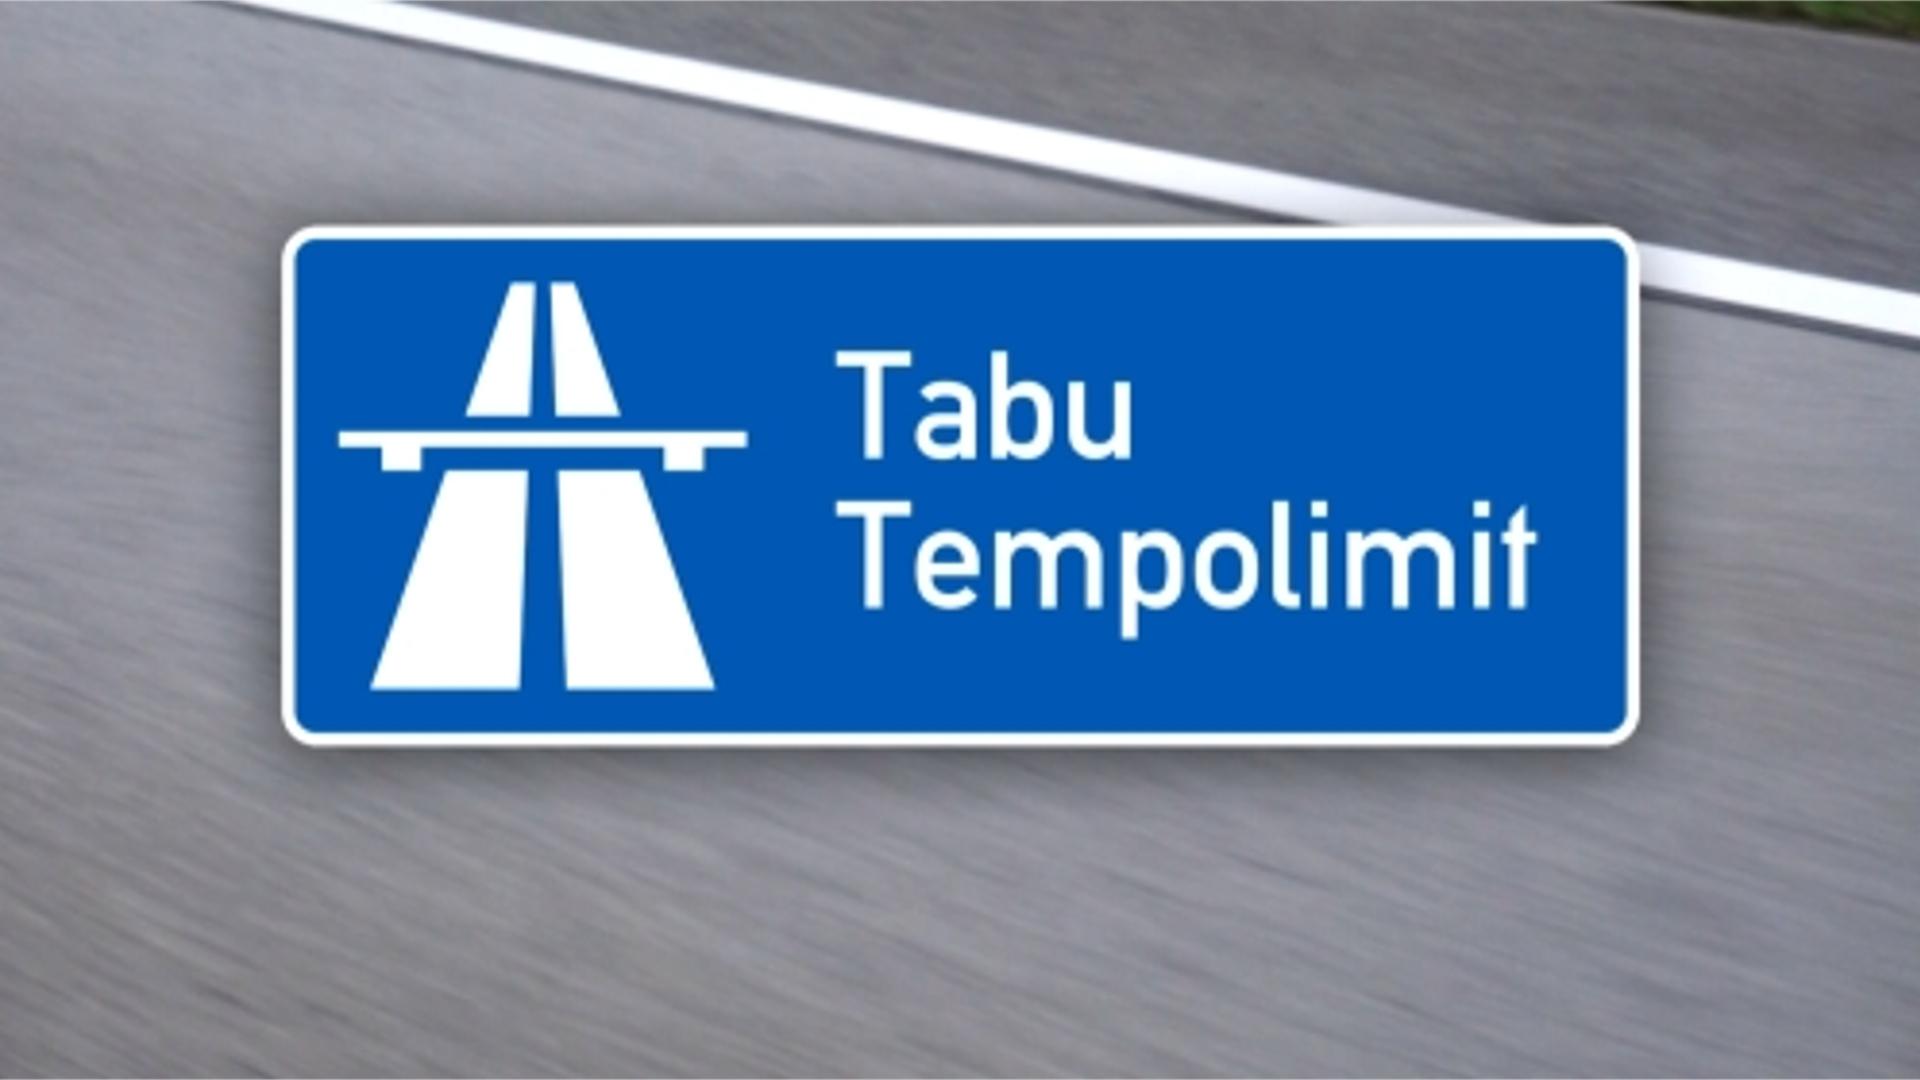 Tabu Tempolimit